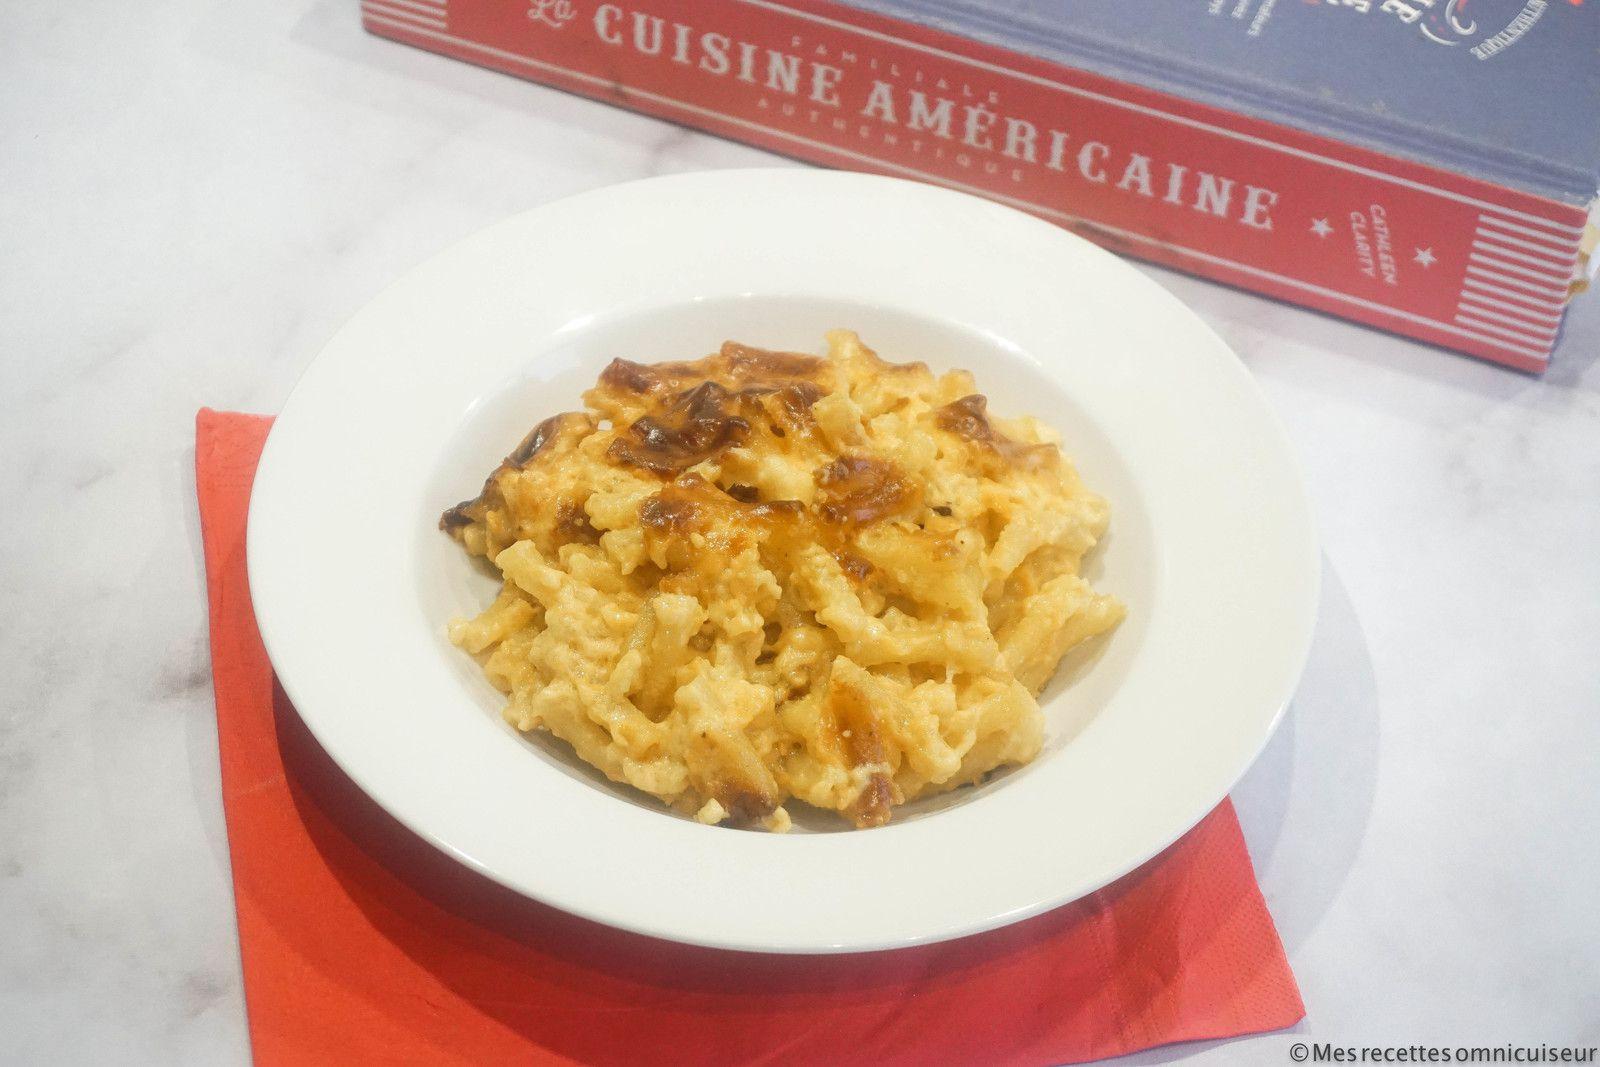 gratin de macaroni au cheddar cuit à l'omnicuiseur vitalité